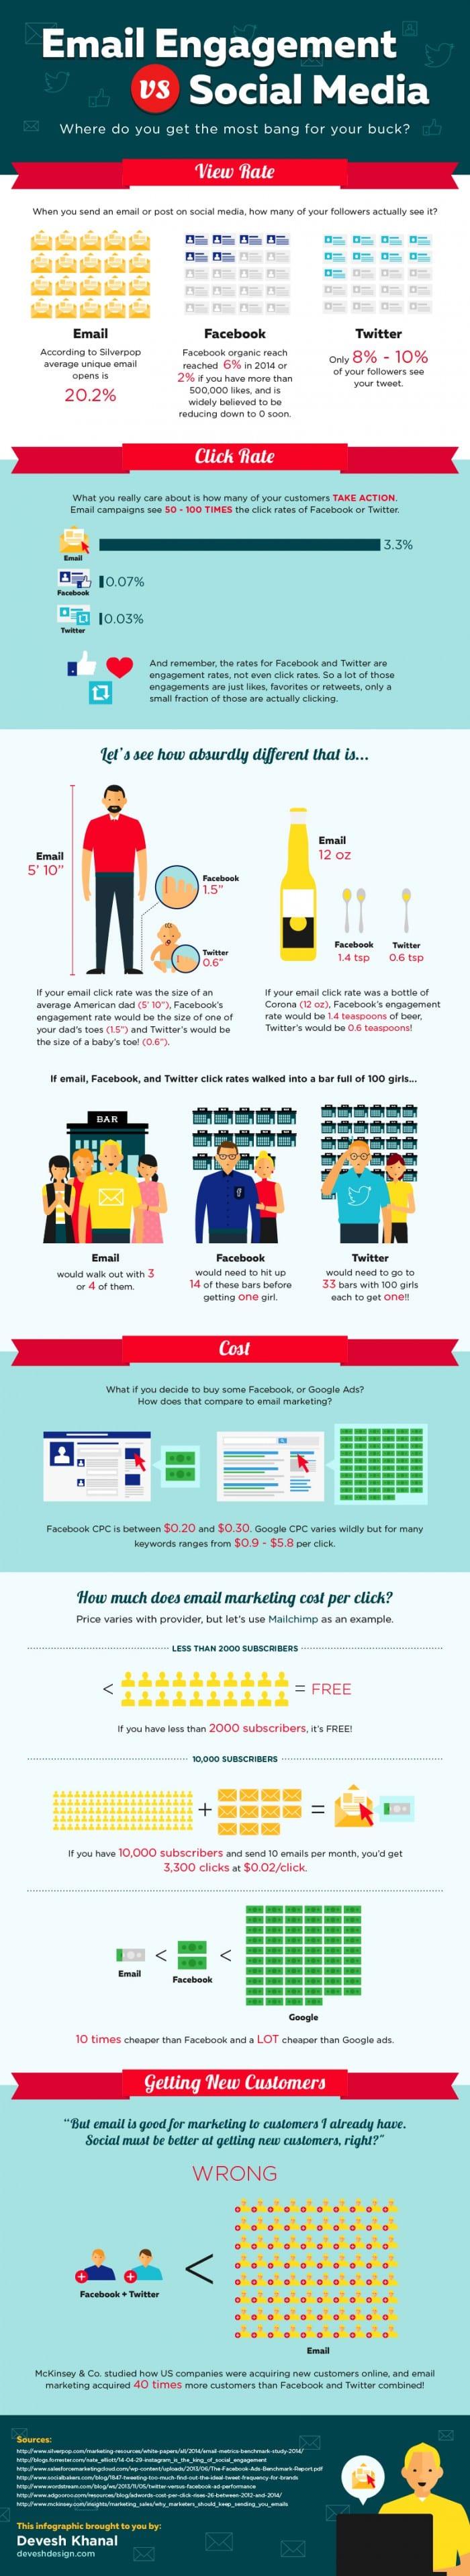 Email VS Social Media Engagement